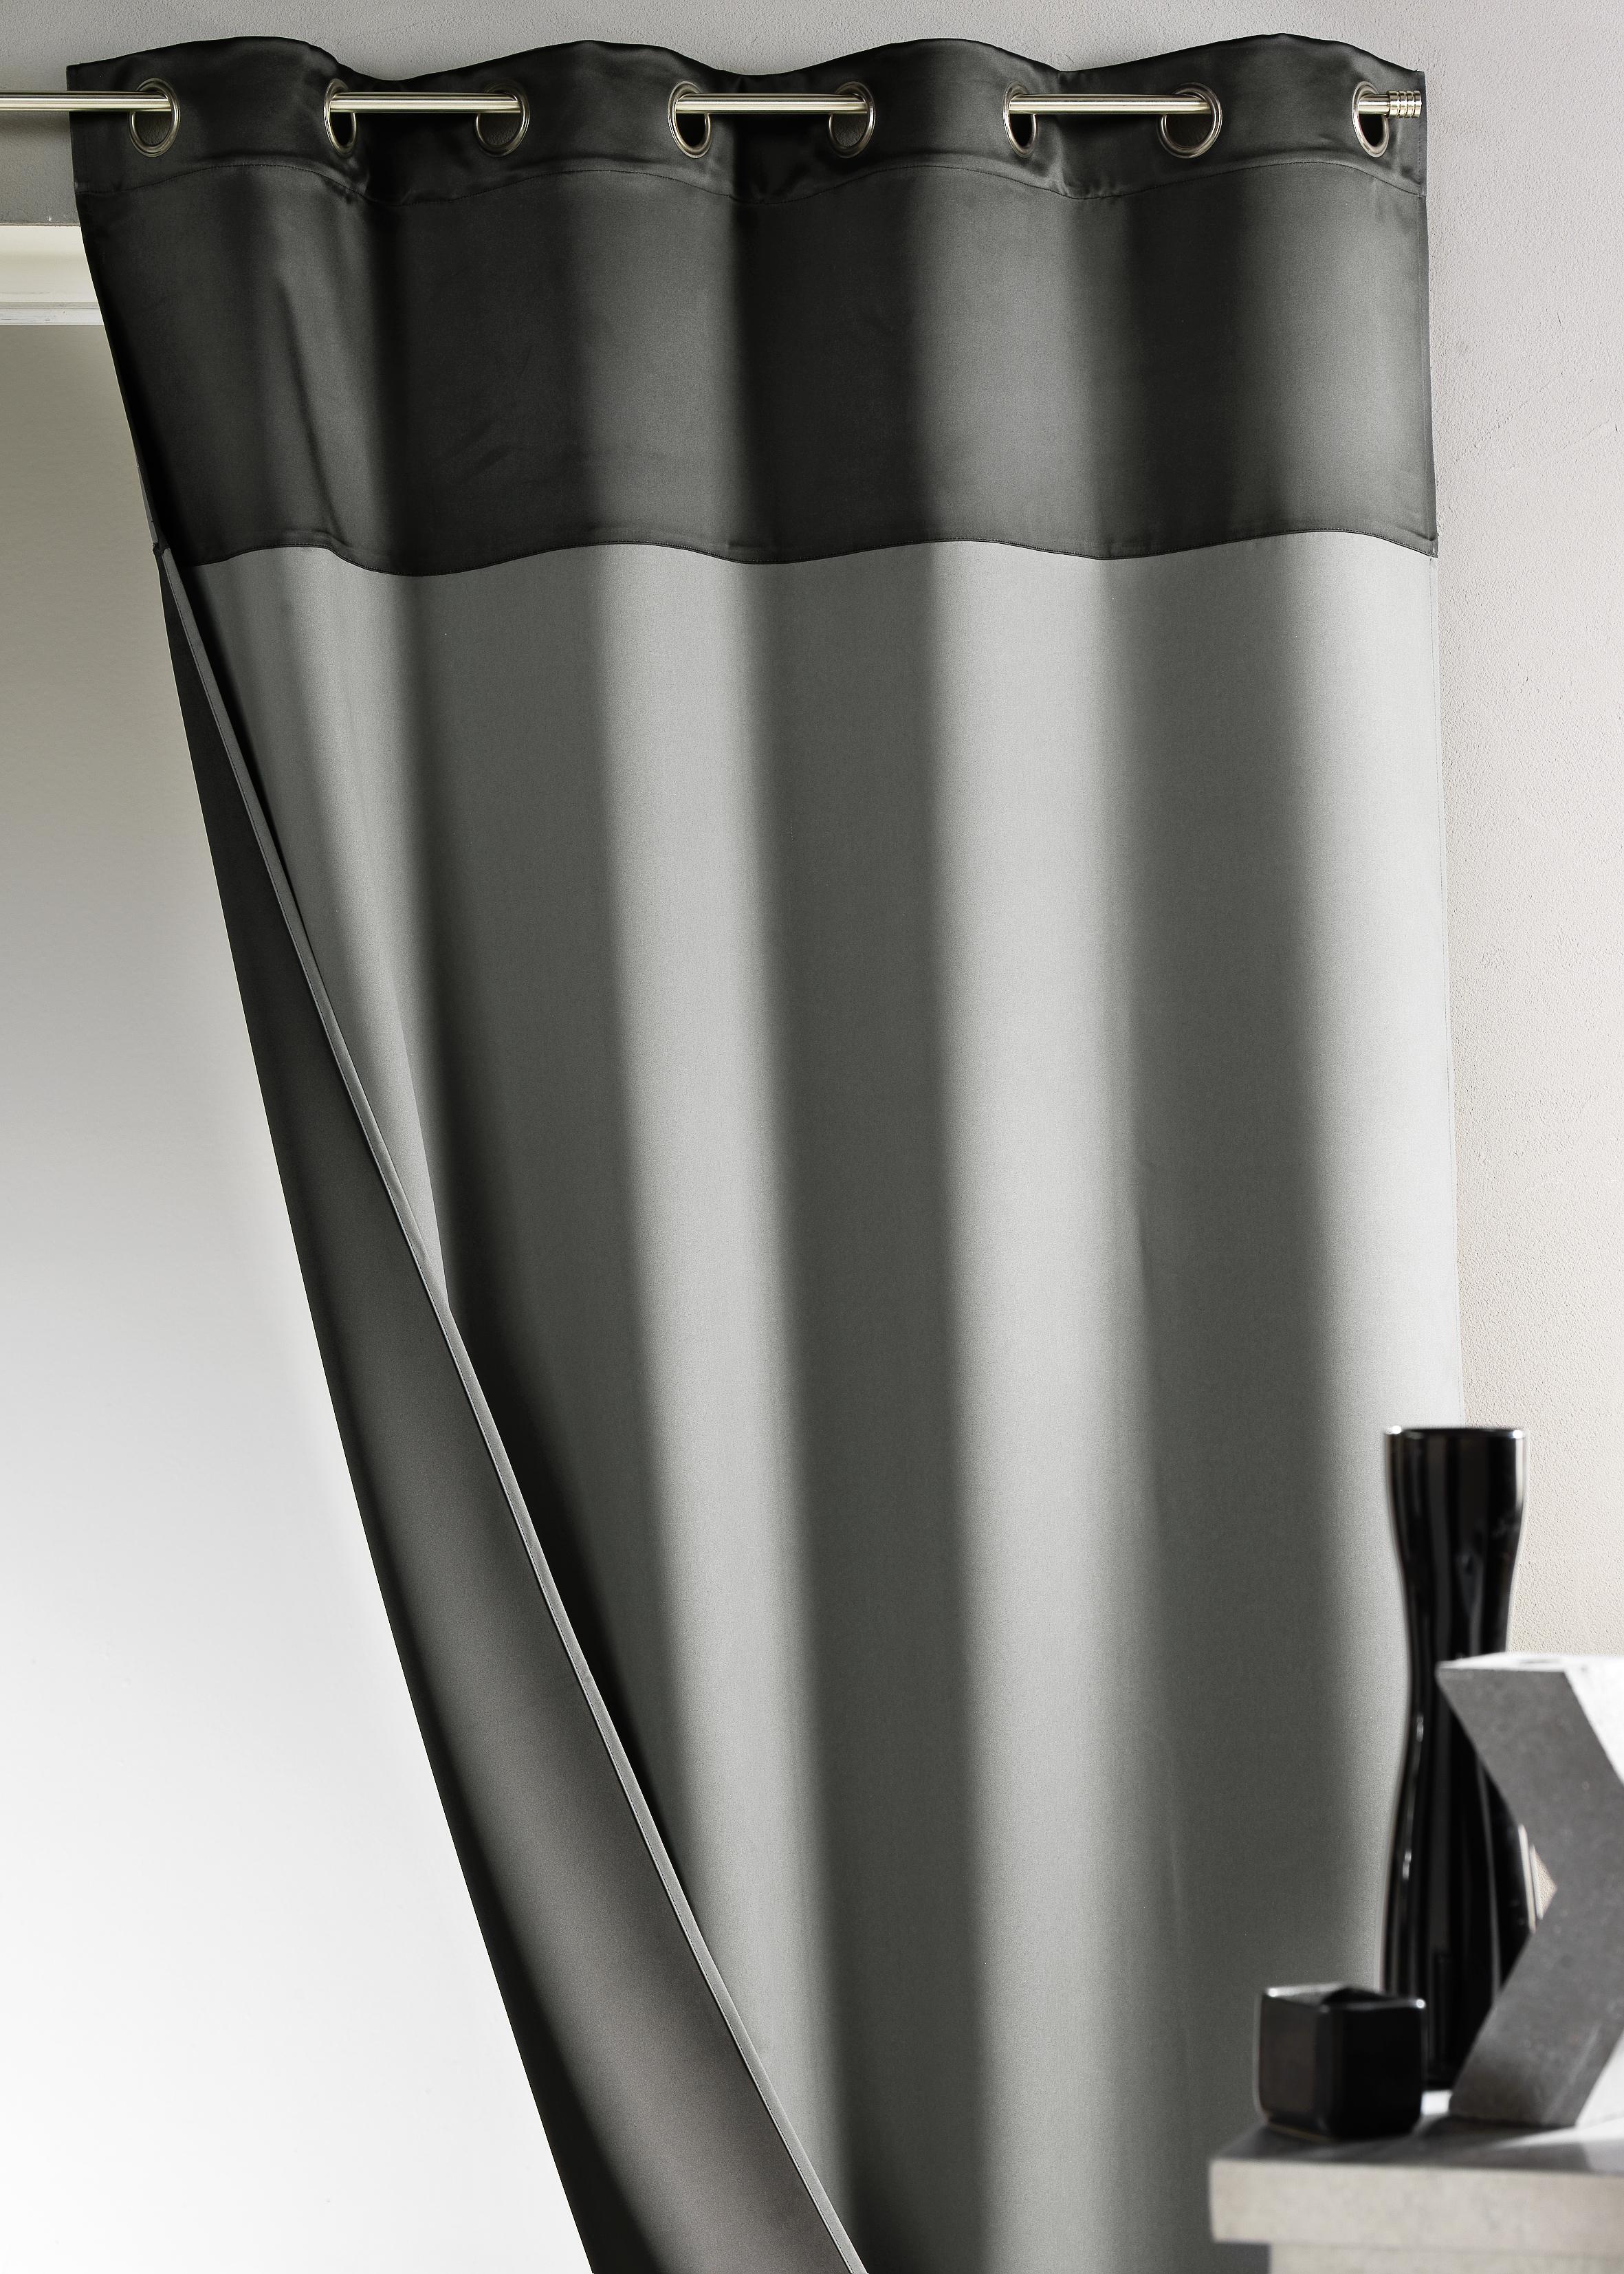 Exceptional Rideau Gris Et Noir #7: Stunning Quel Rideau Pour Salon ...